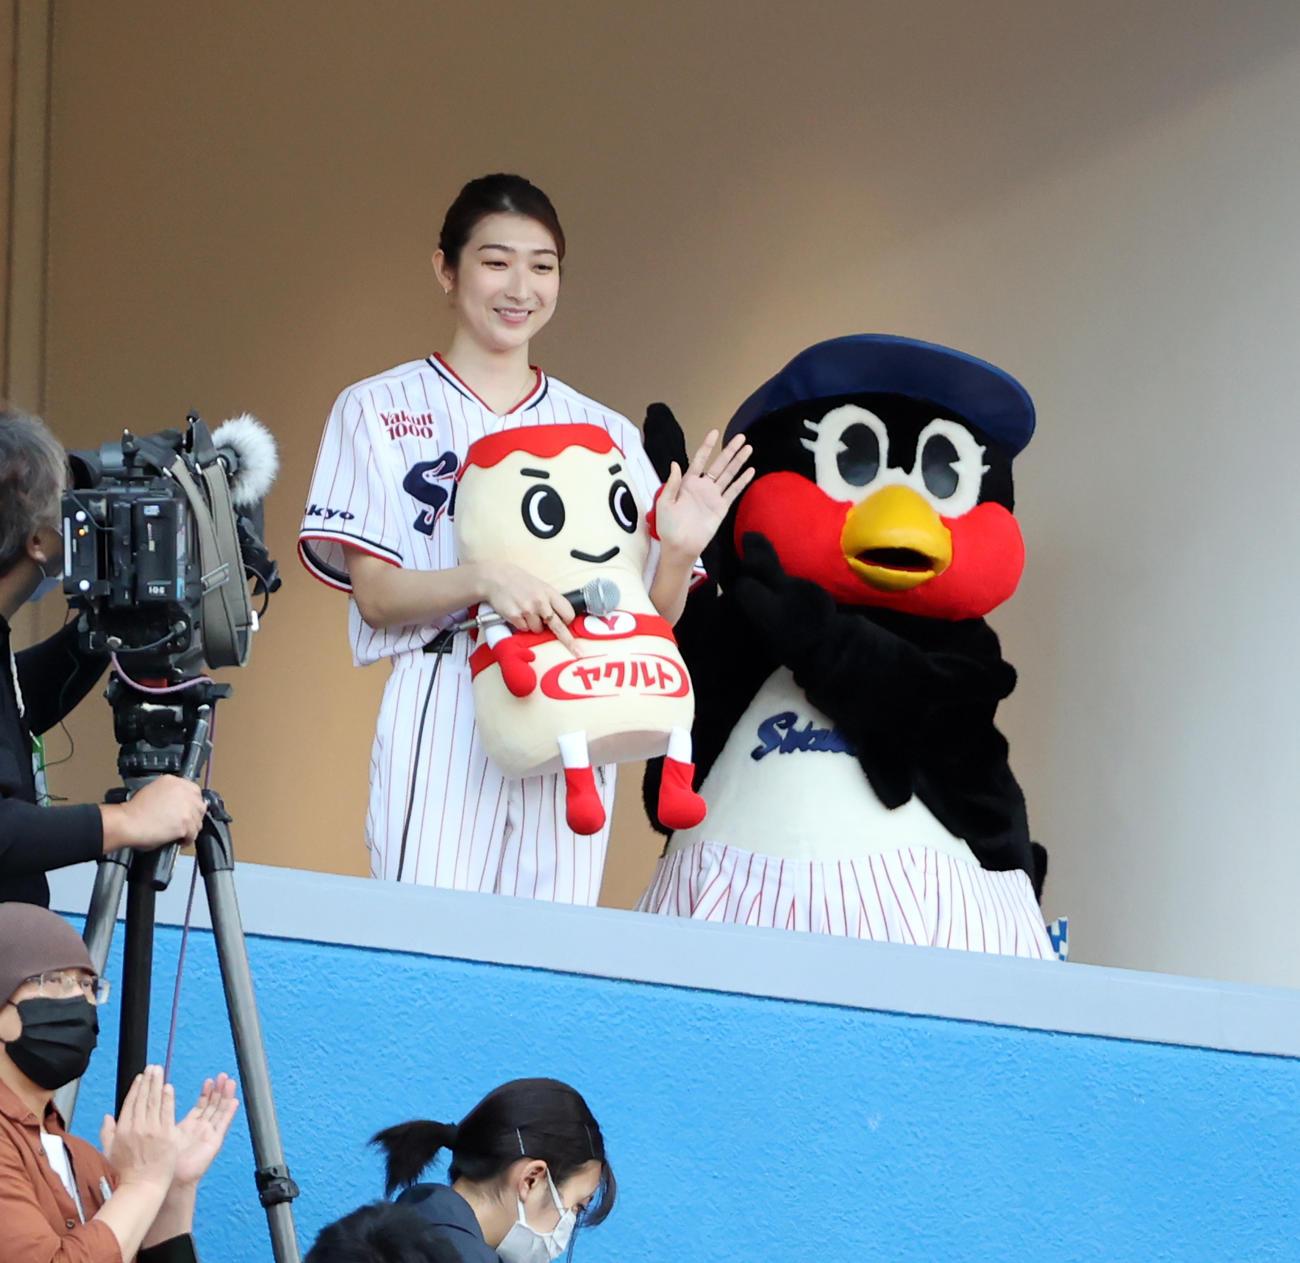 ヤクルト対中日 始球式に登場する池江璃花子は、試合前テレビブースから手を振る(撮影・浅見桂子)